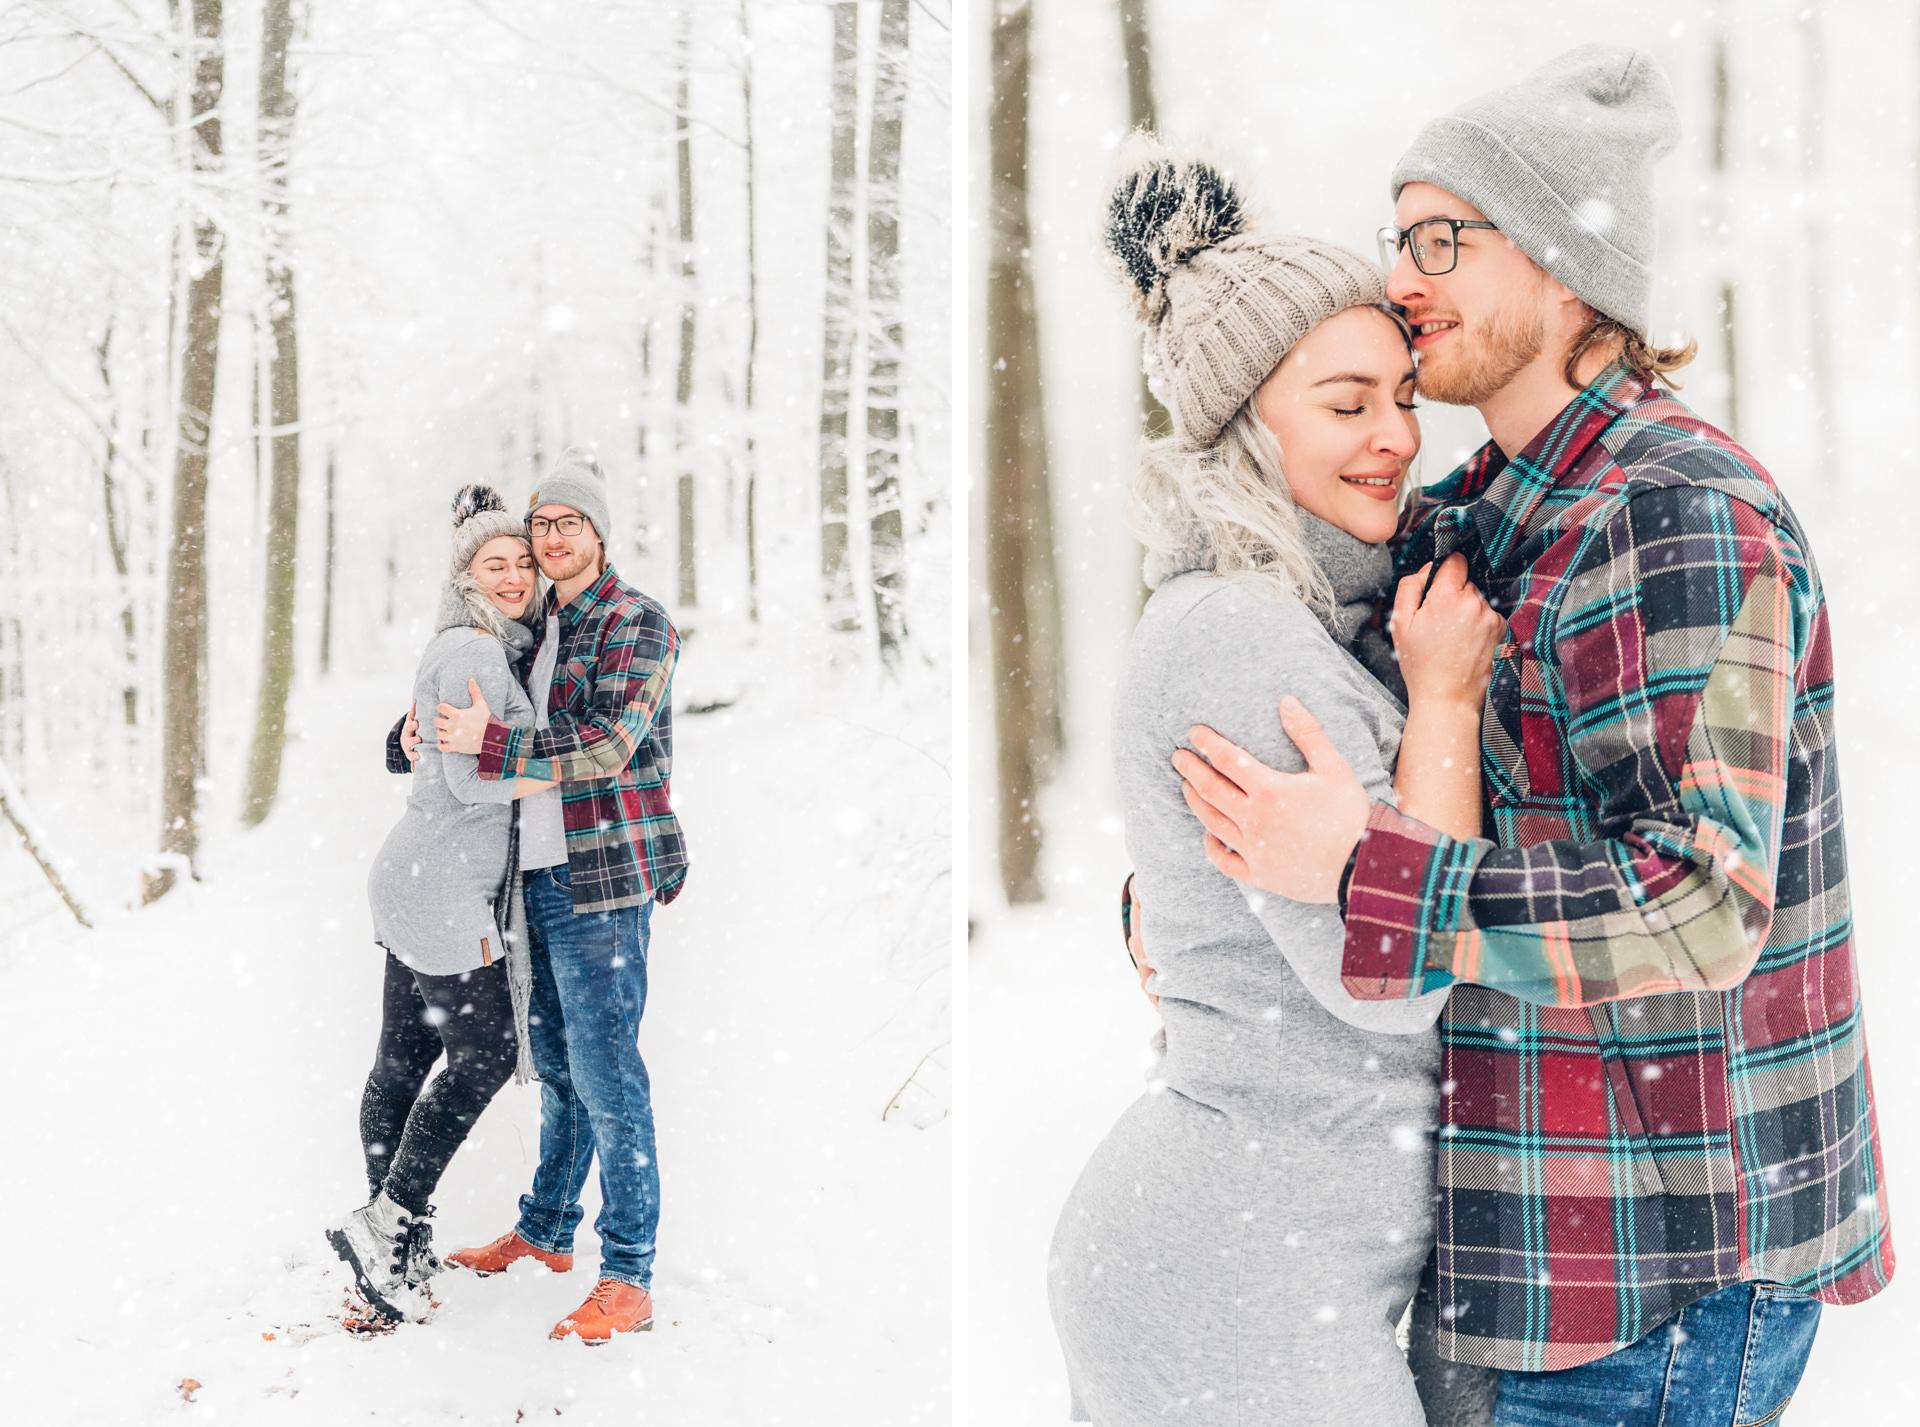 Verliebt im Schnee, romantische Pärchenfotos im Winrter